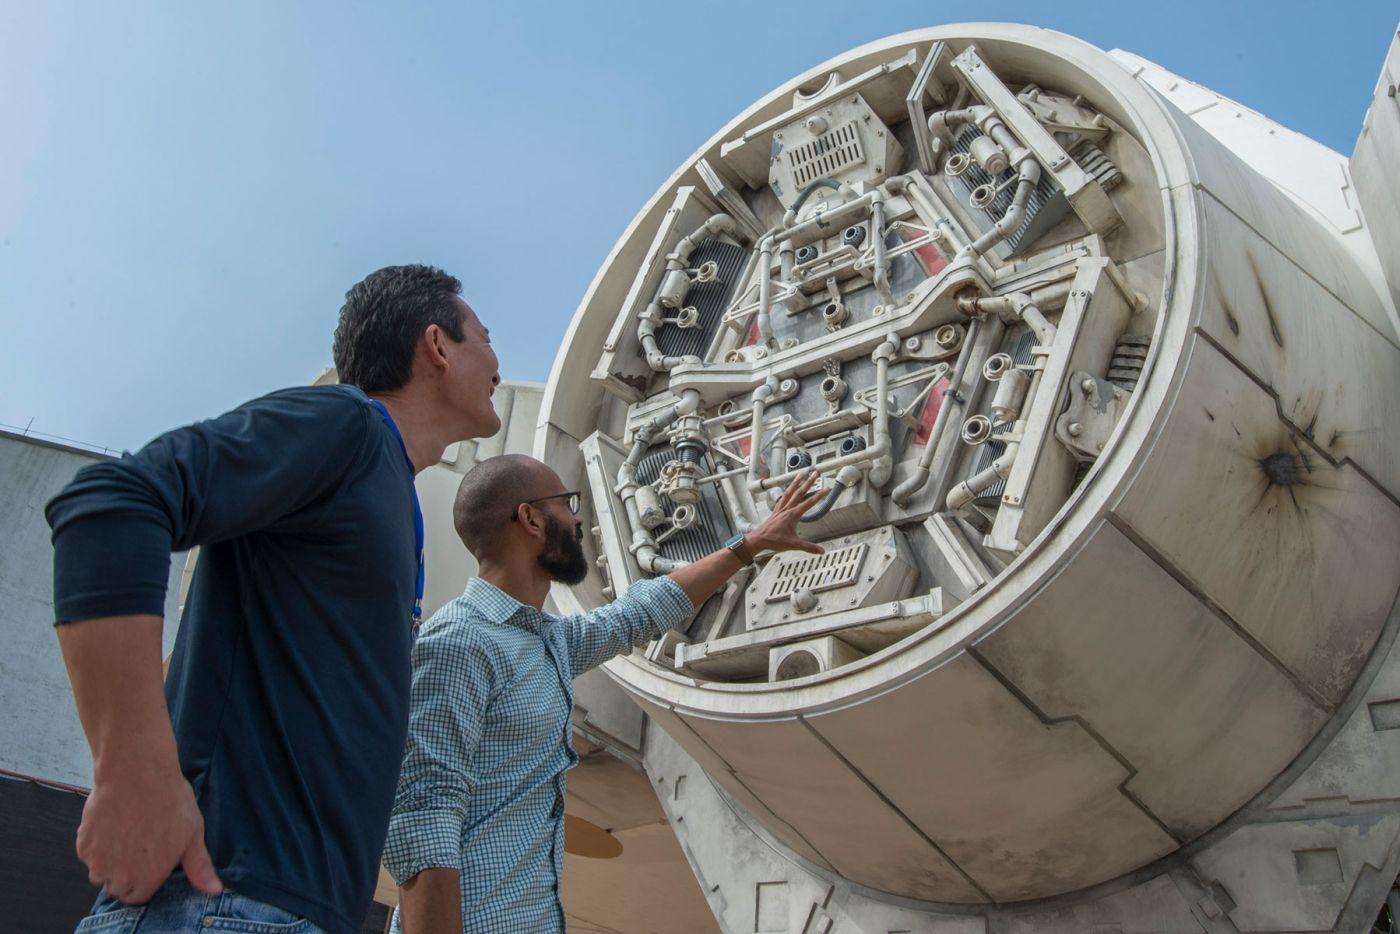 Doug Chiang, a látványtervező csapat vezetője veszi szemügyre a megépült űrhajót.